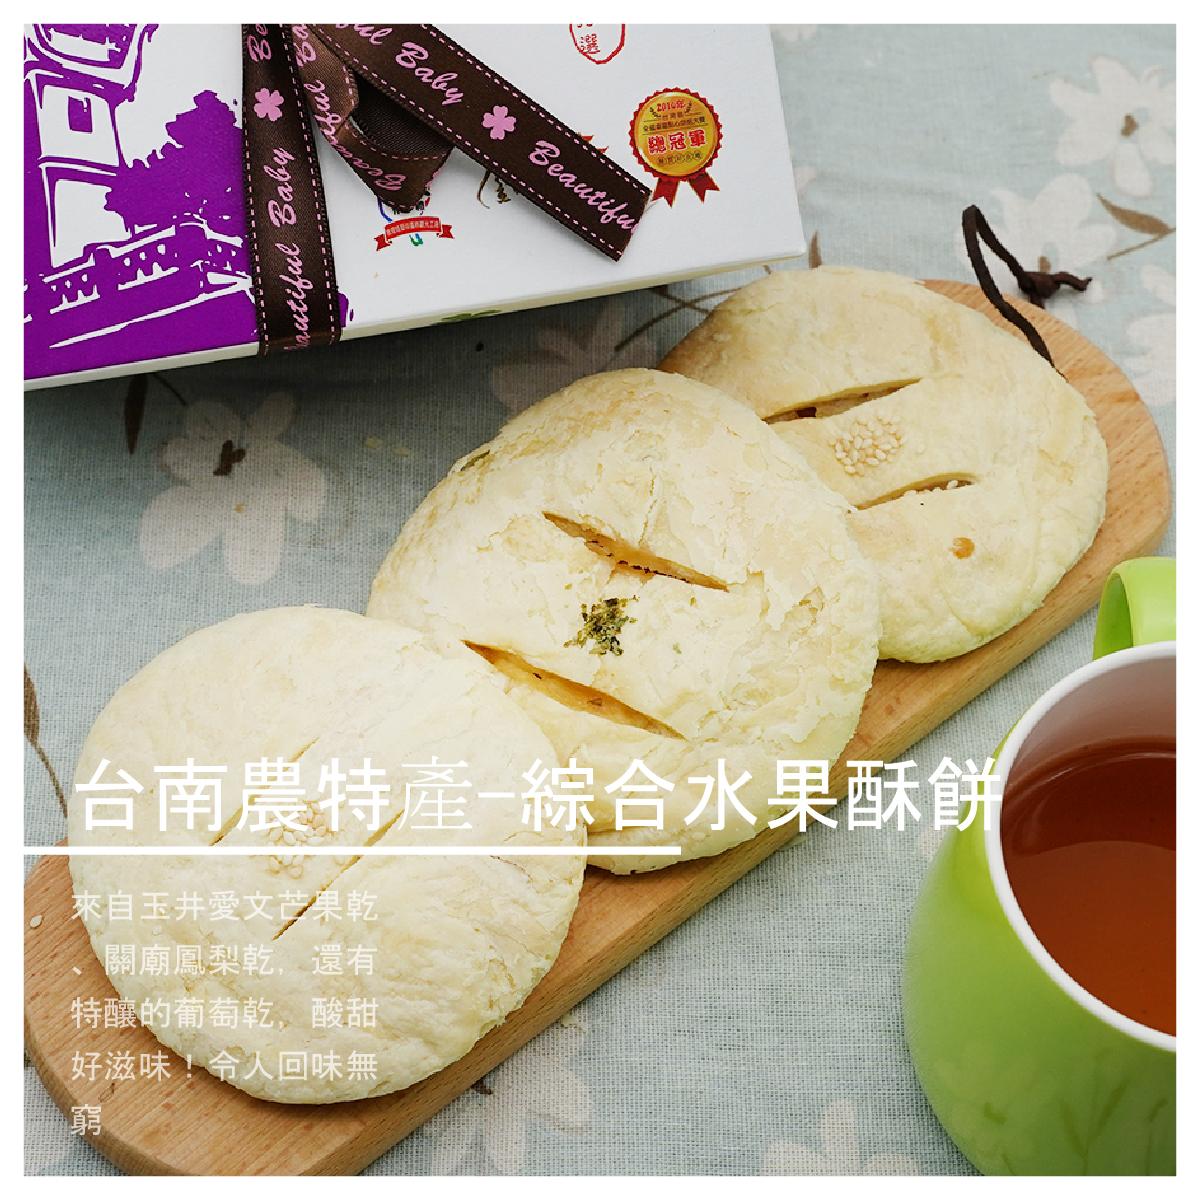 【彼緹娃藝術蛋糕觀光工廠】台南農特產-綜合水果酥餅 8入/盒